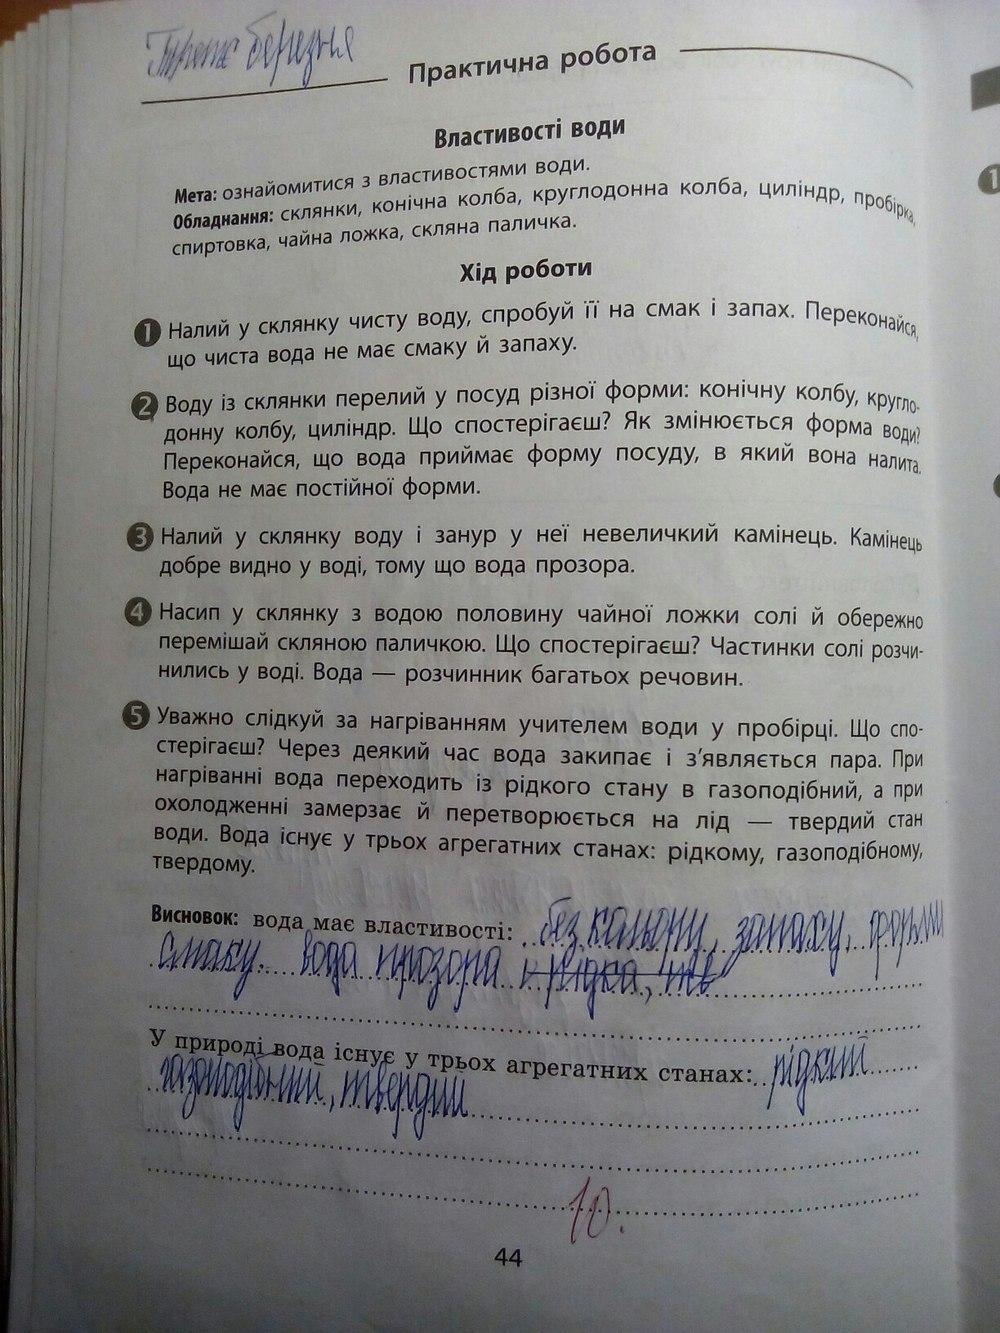 ГДЗ відповіді робочий зошит по биологии 5 класс. Задание: стр. 44